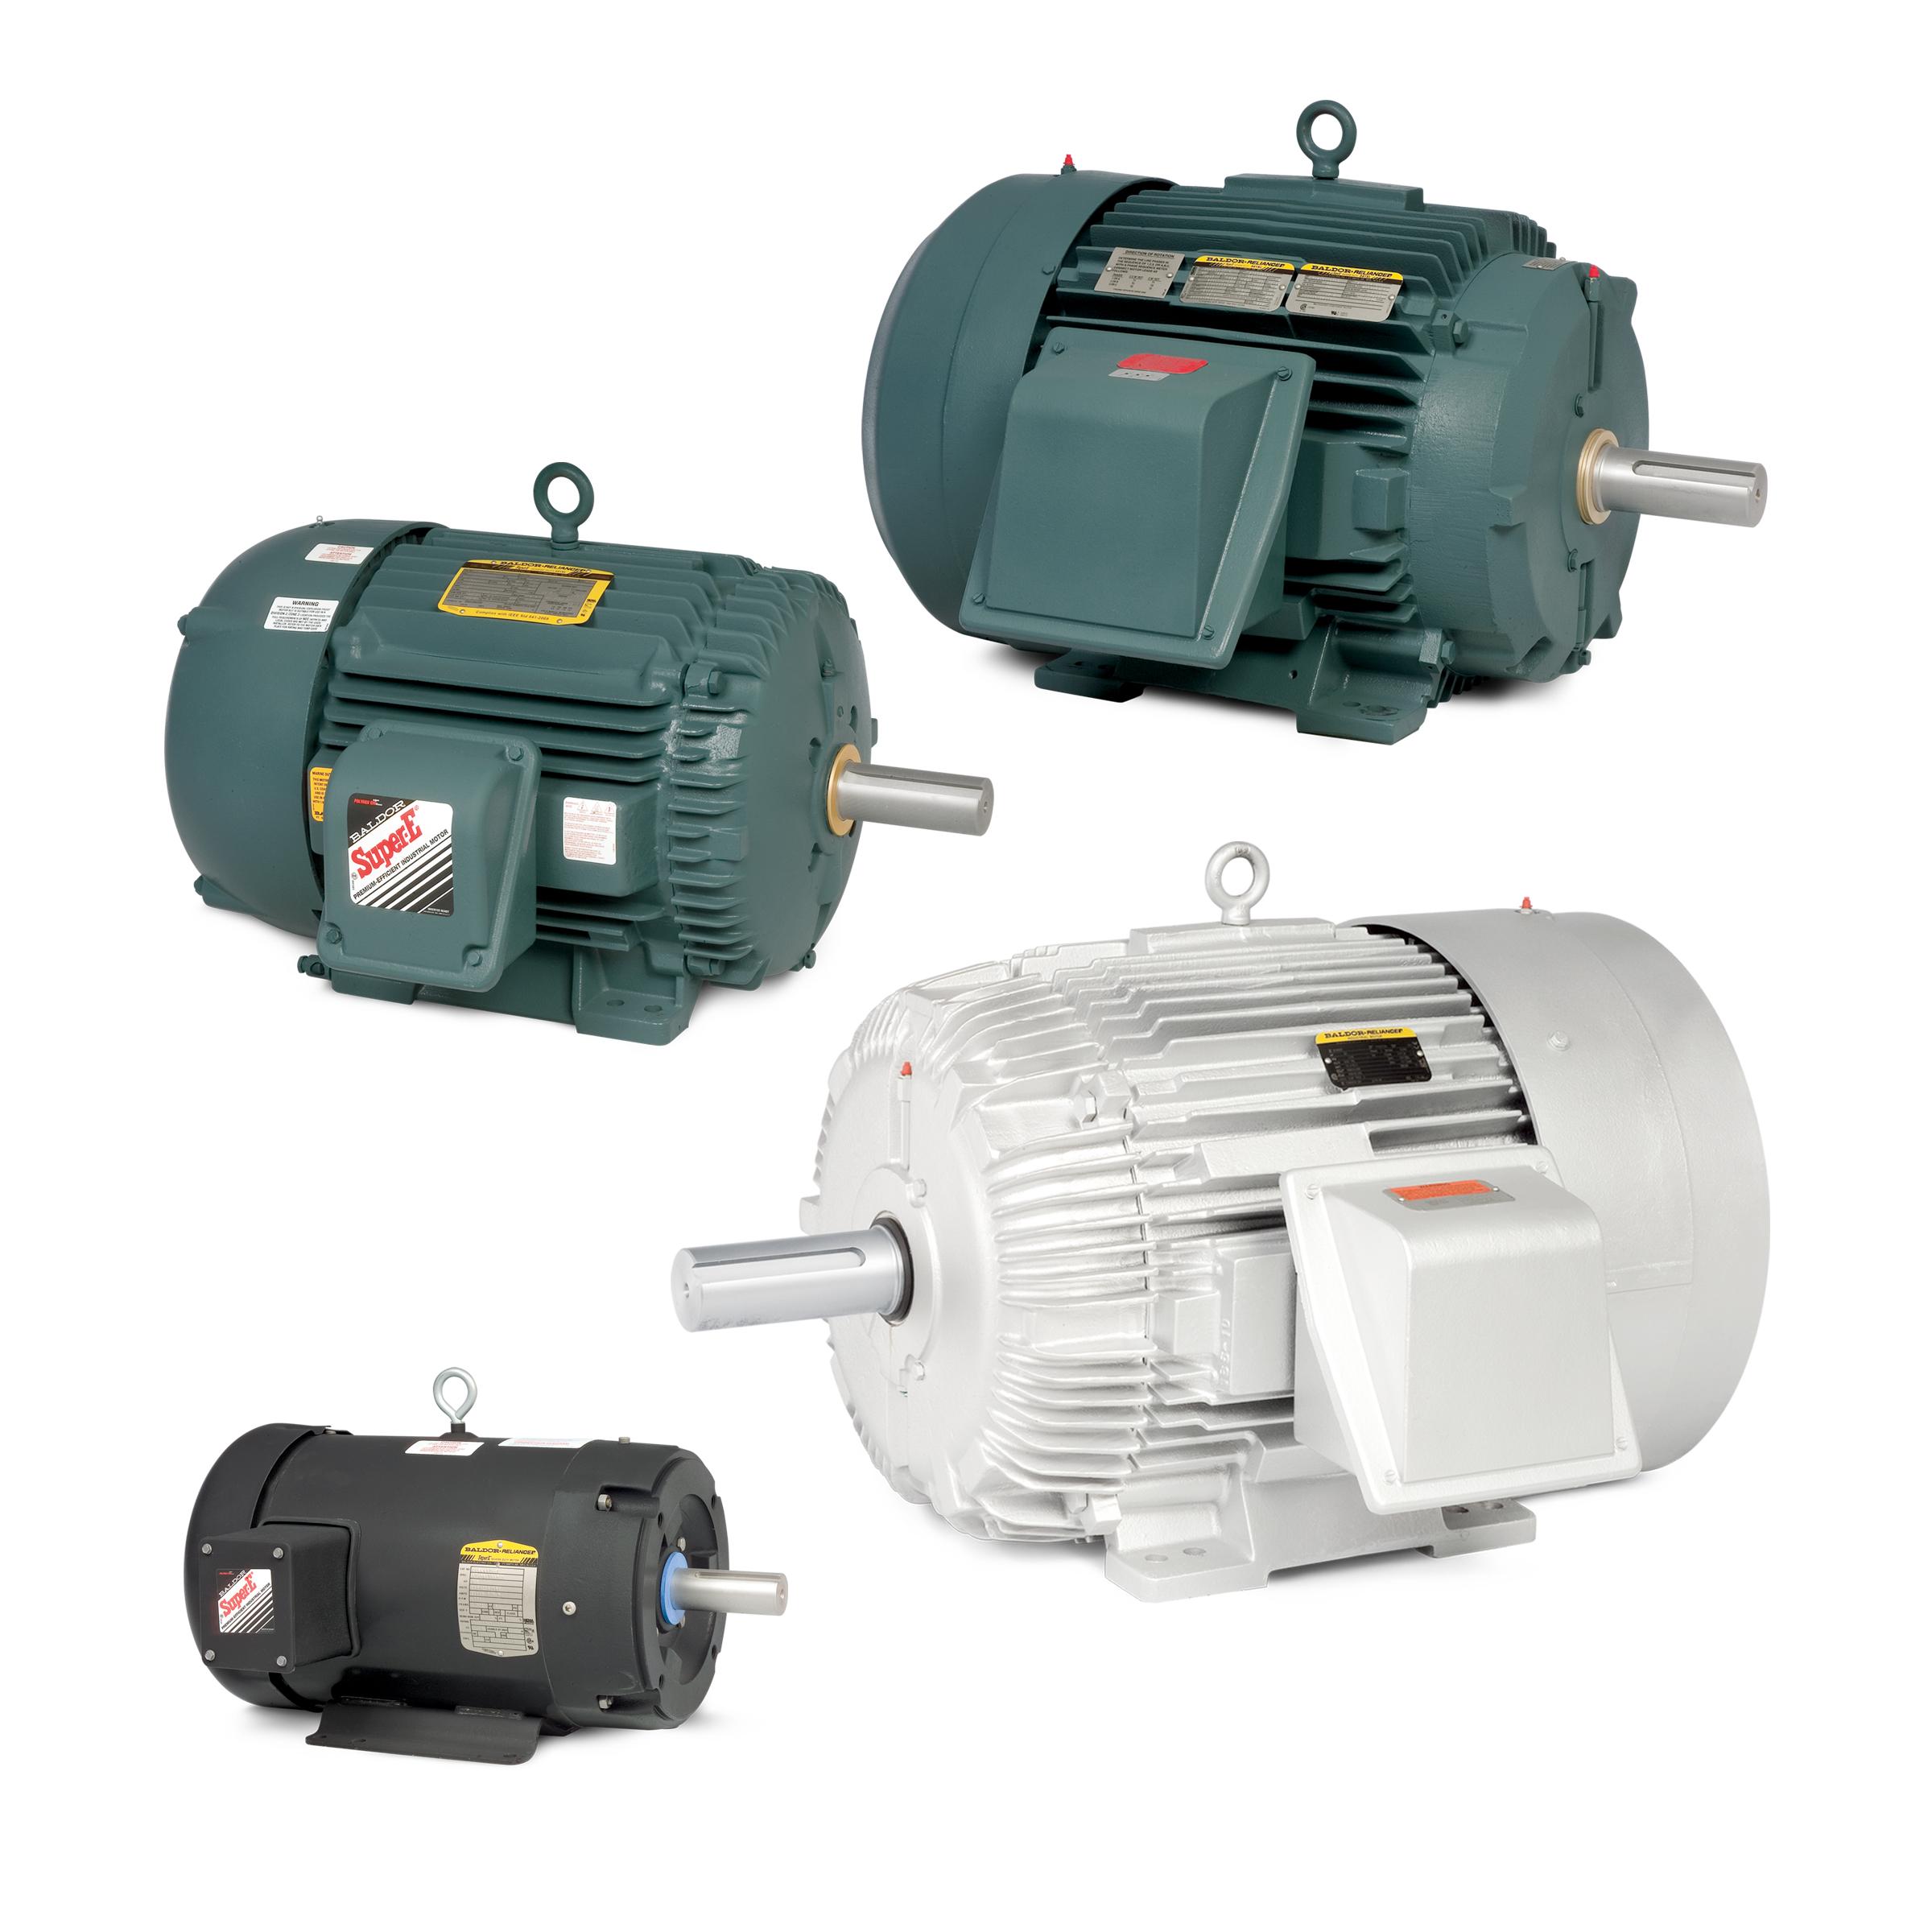 Baldor Motor Parts Diagram Wiring Diagram With Description